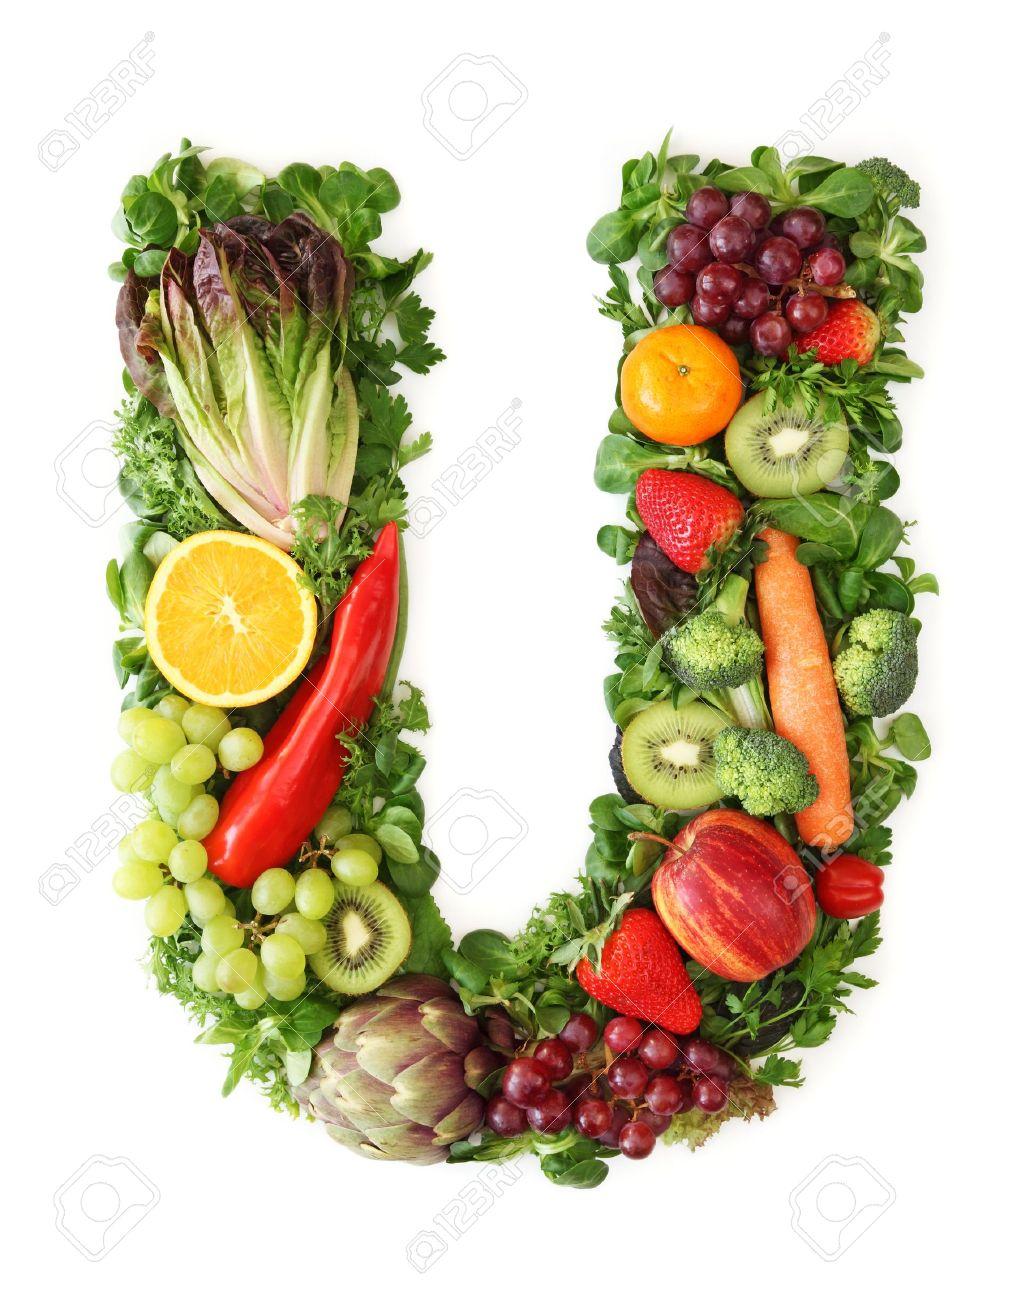 Fabelhaft Obst Und Gemüse Alphabet - Buchstabe U Lizenzfreie Fotos, Bilder @BY_89